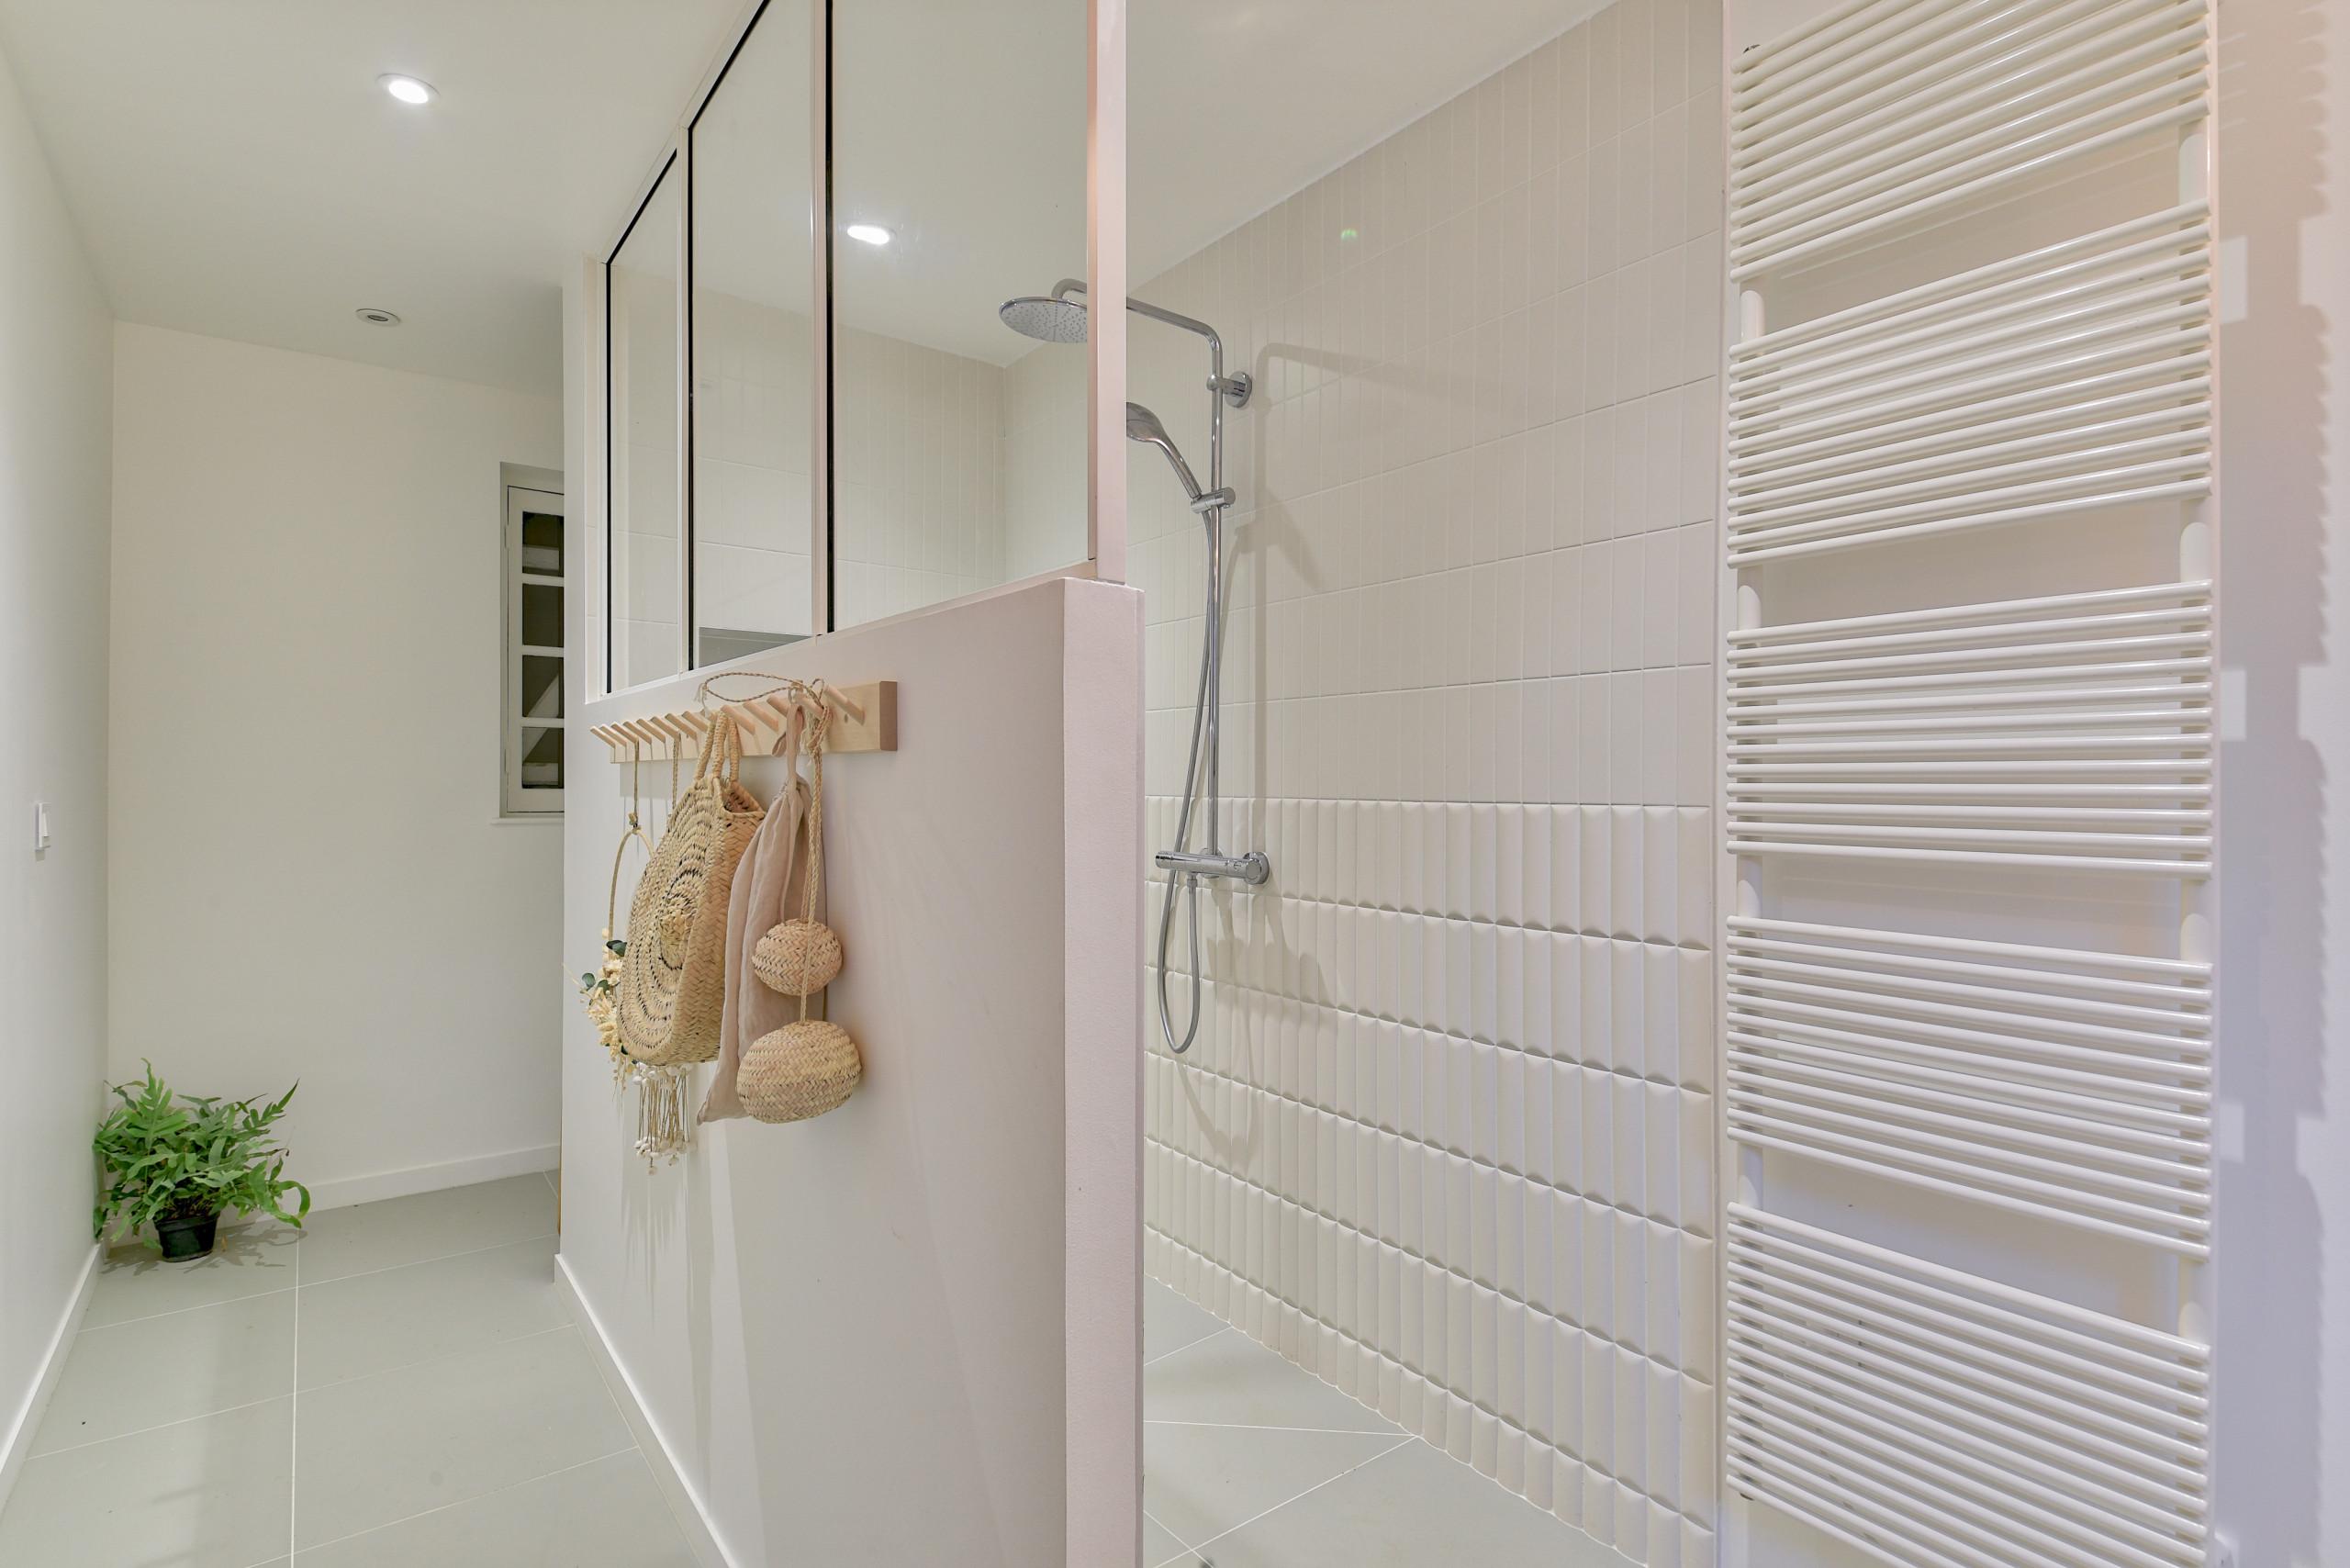 Rénovation d'un corps de ferme de 365 m2 - Salle de bain des enfants